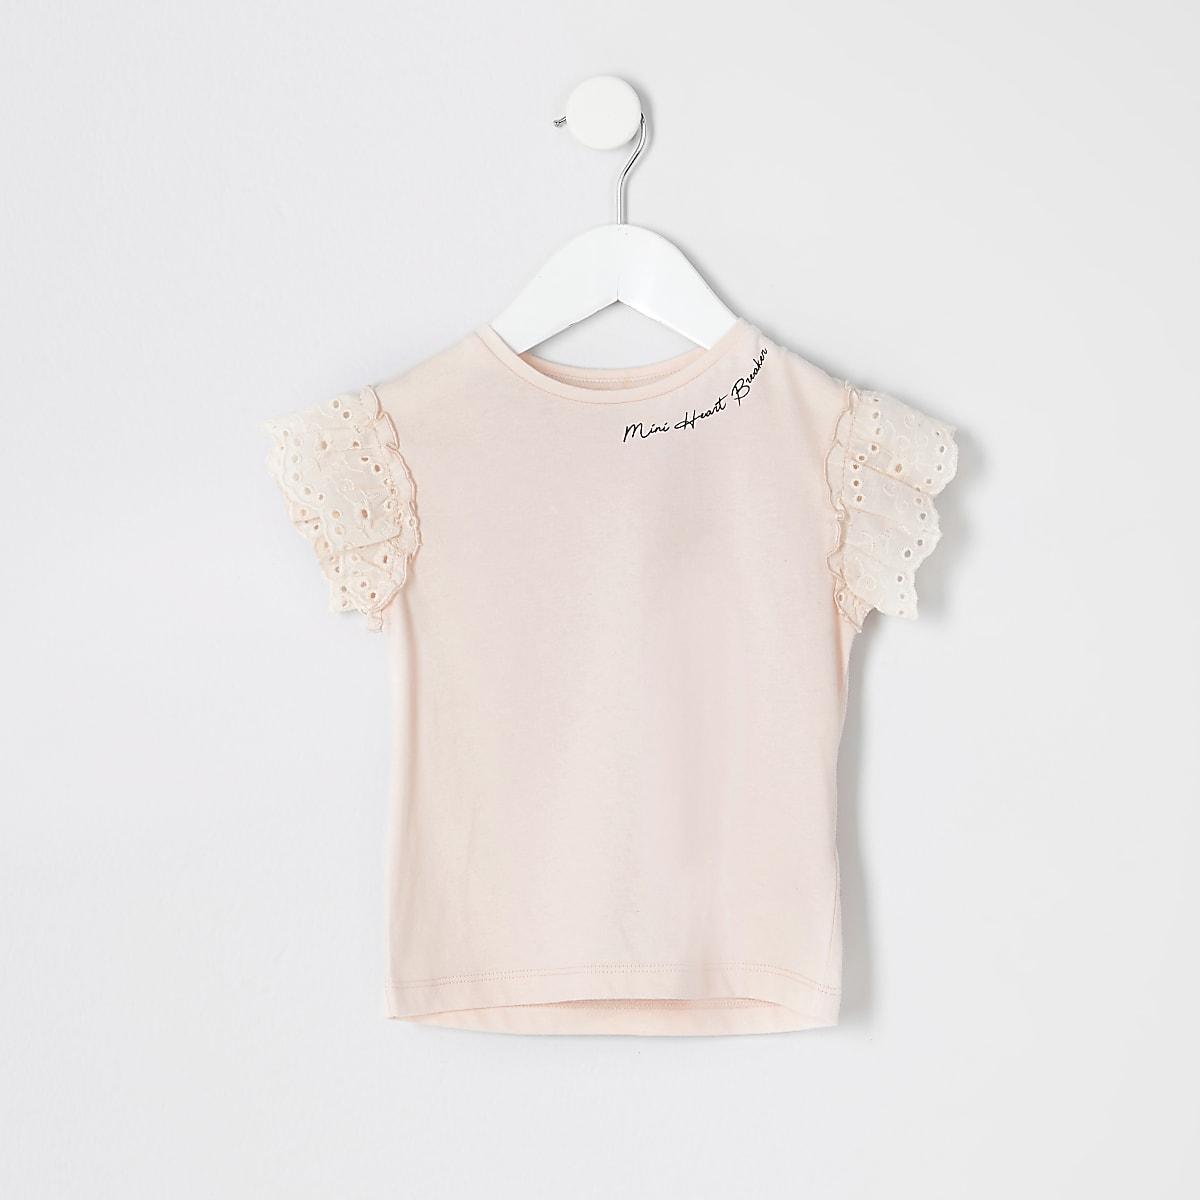 Mini - Roze T-shirt met broderie en print voor meisjes